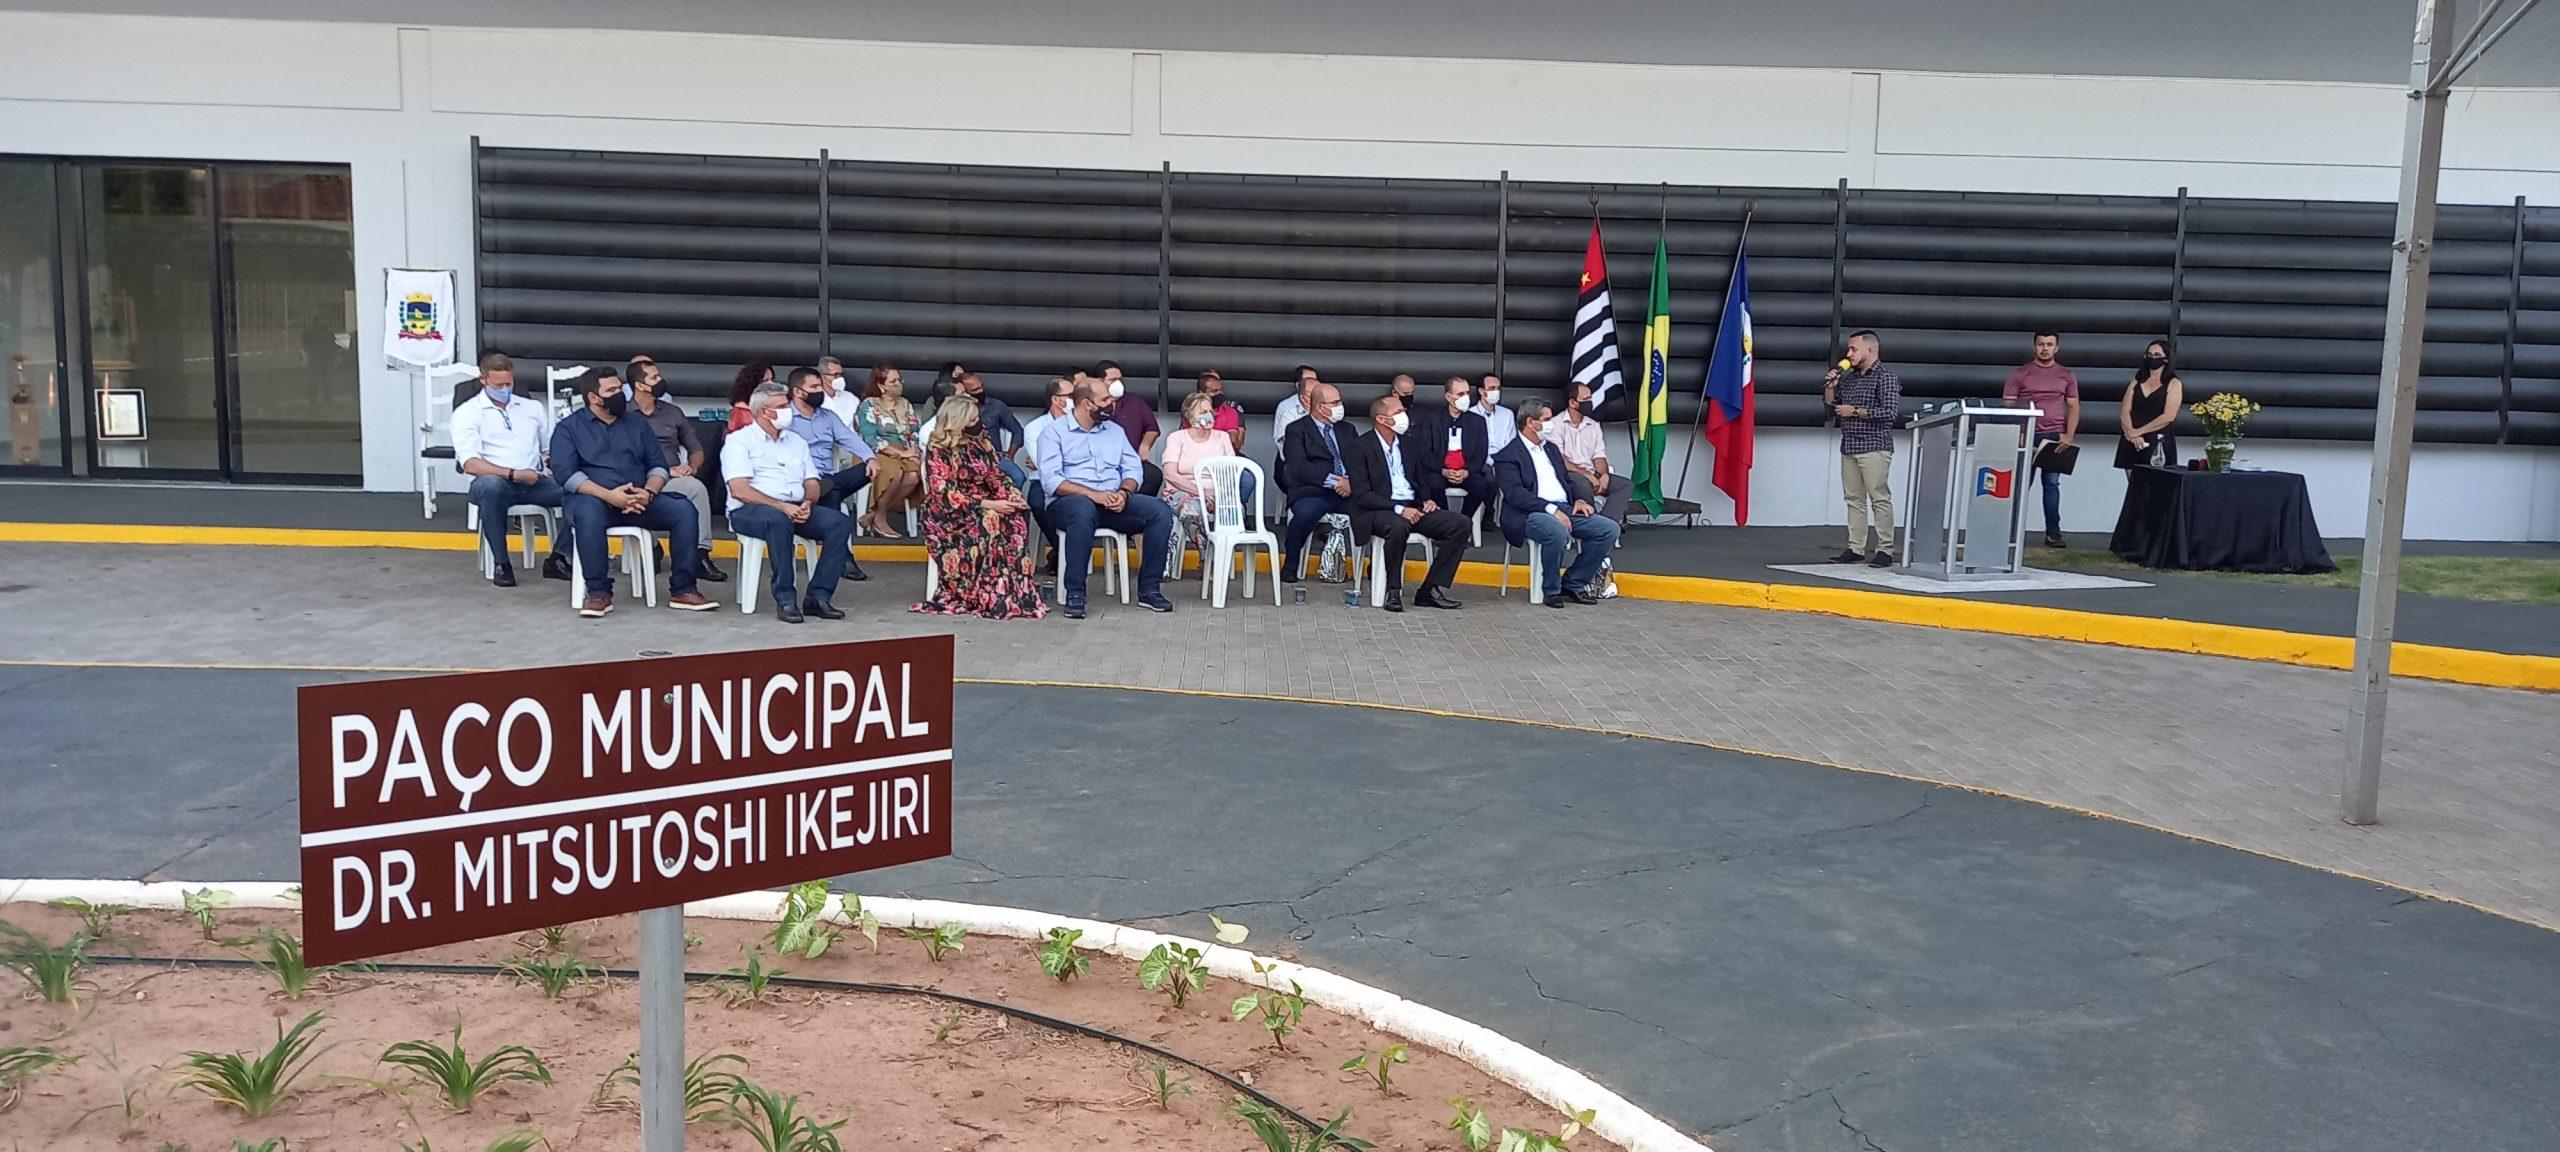 Após quase dois anos sem uso, paço municipal é reinaugurado